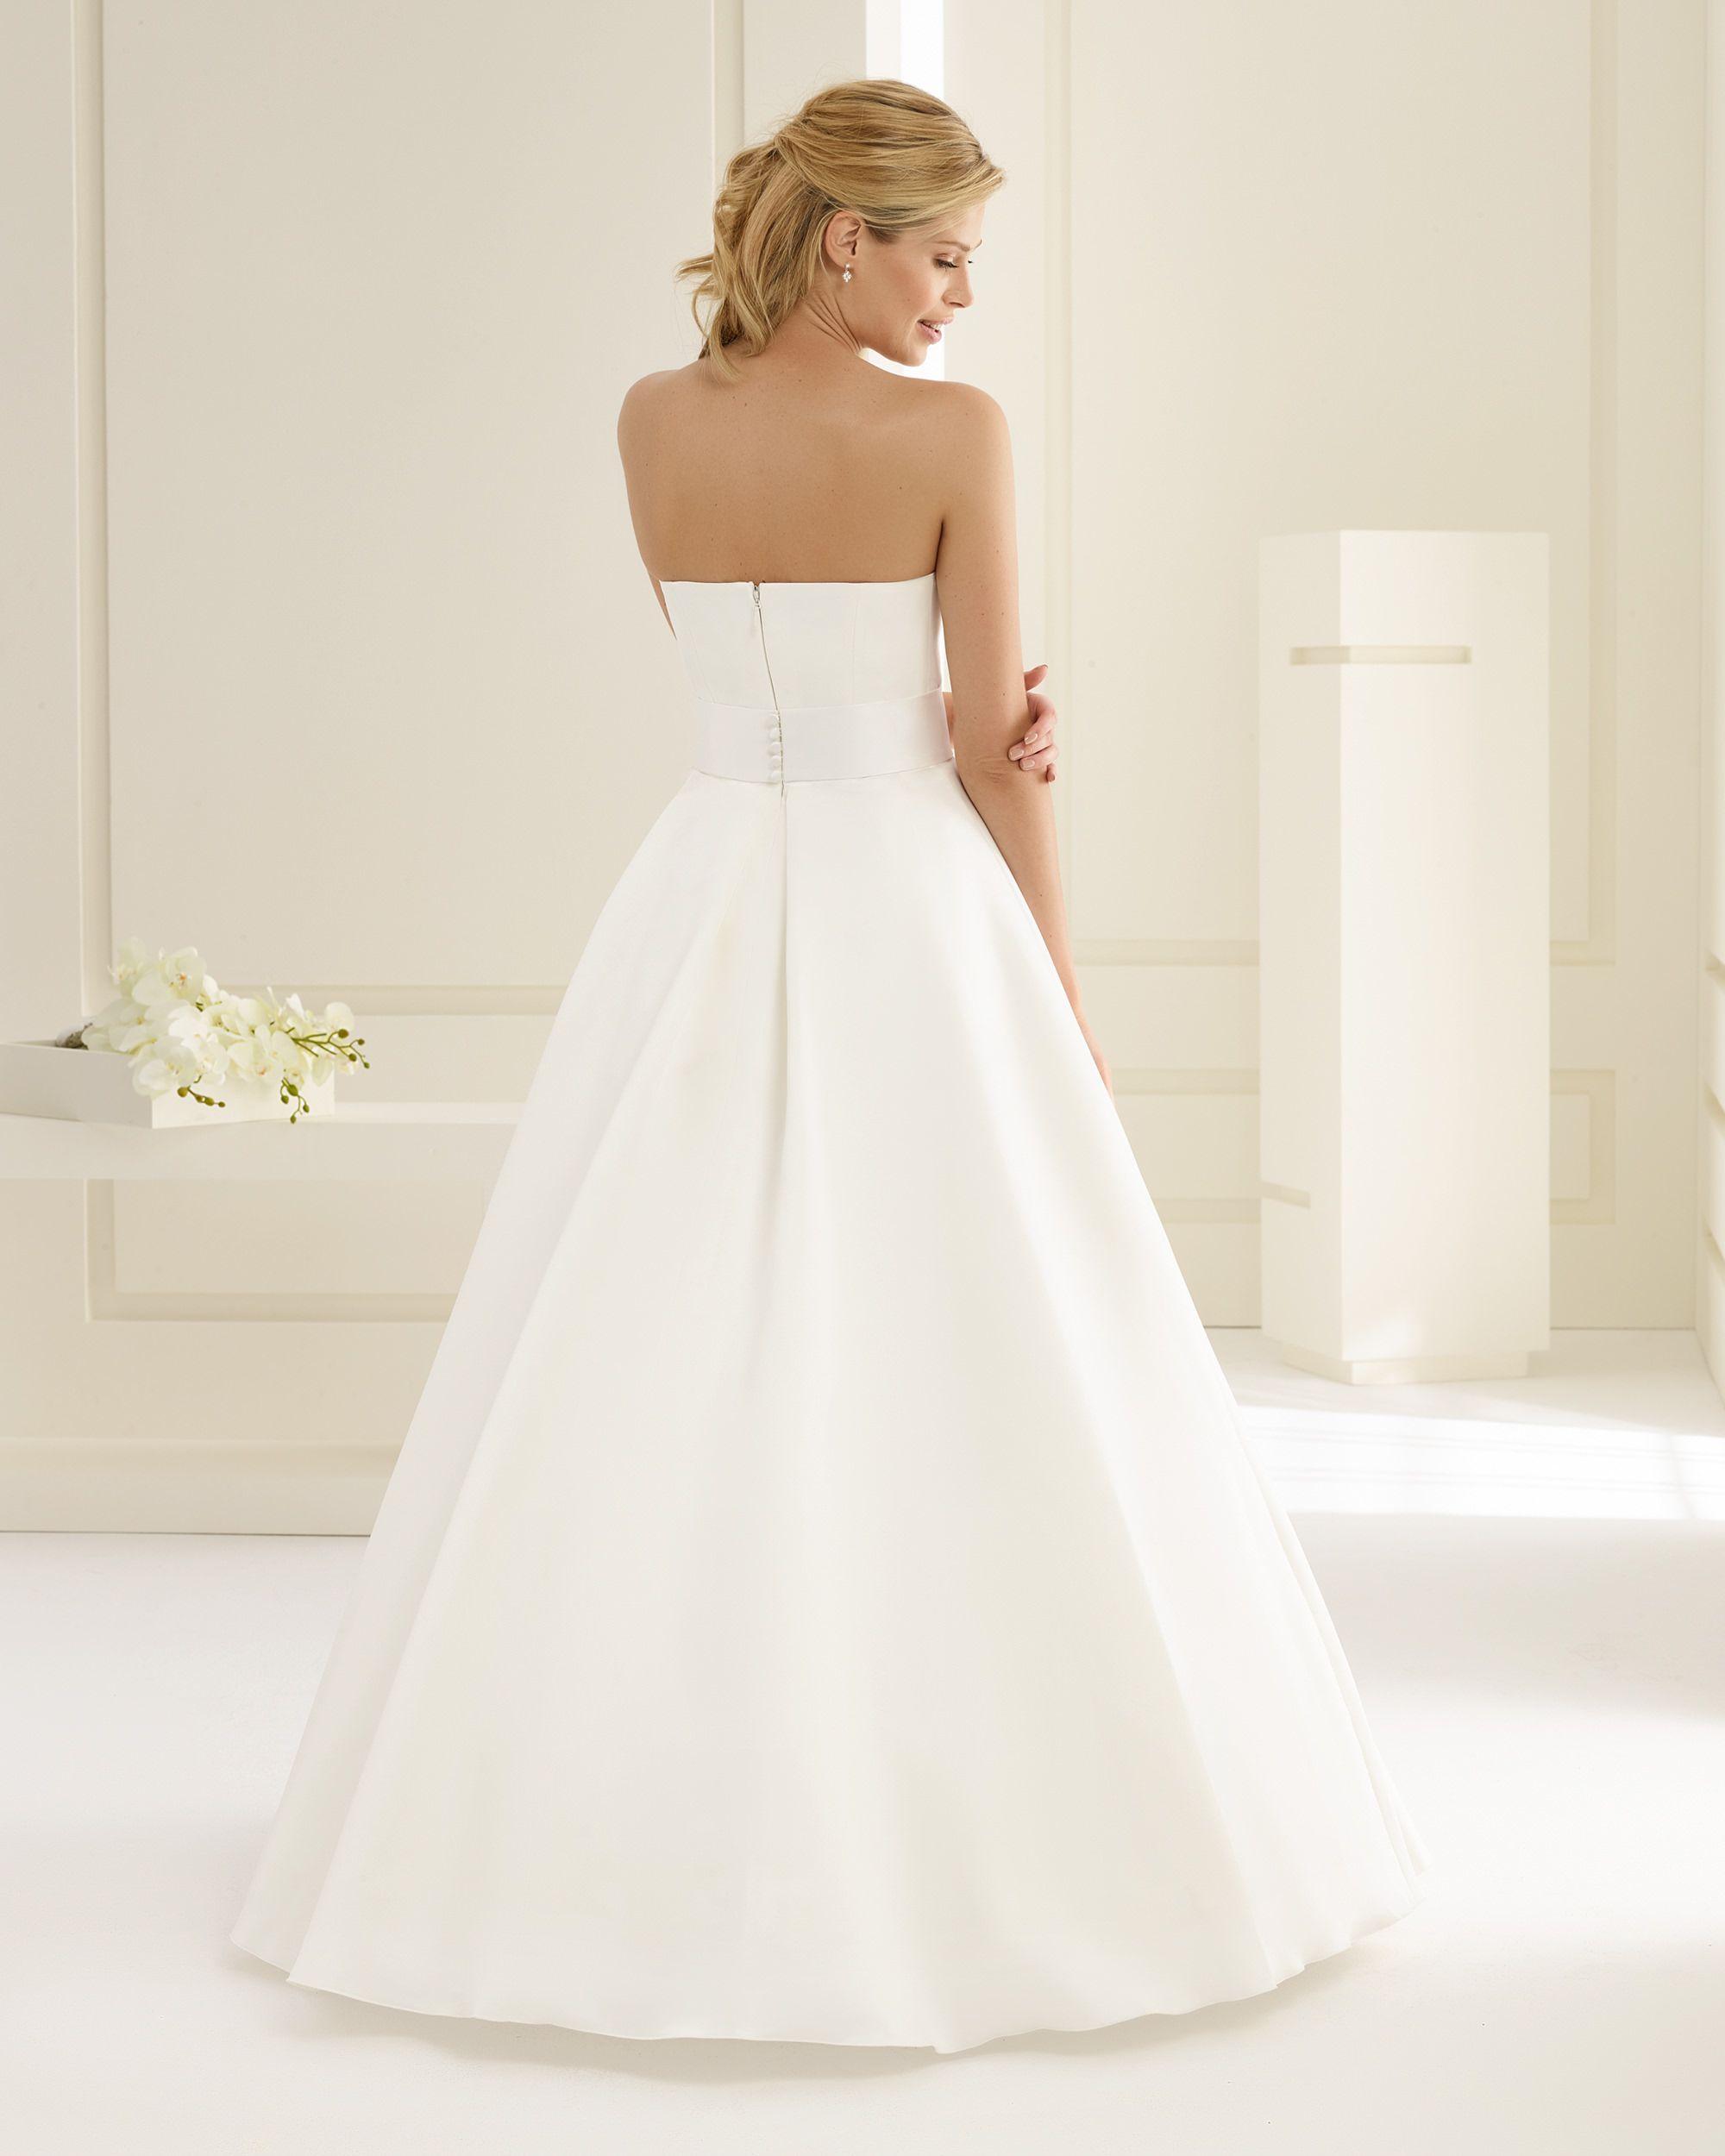 Brautkleid, Hochzeitskleid, A-Linie, Bianco Evento, Lilya, Satin